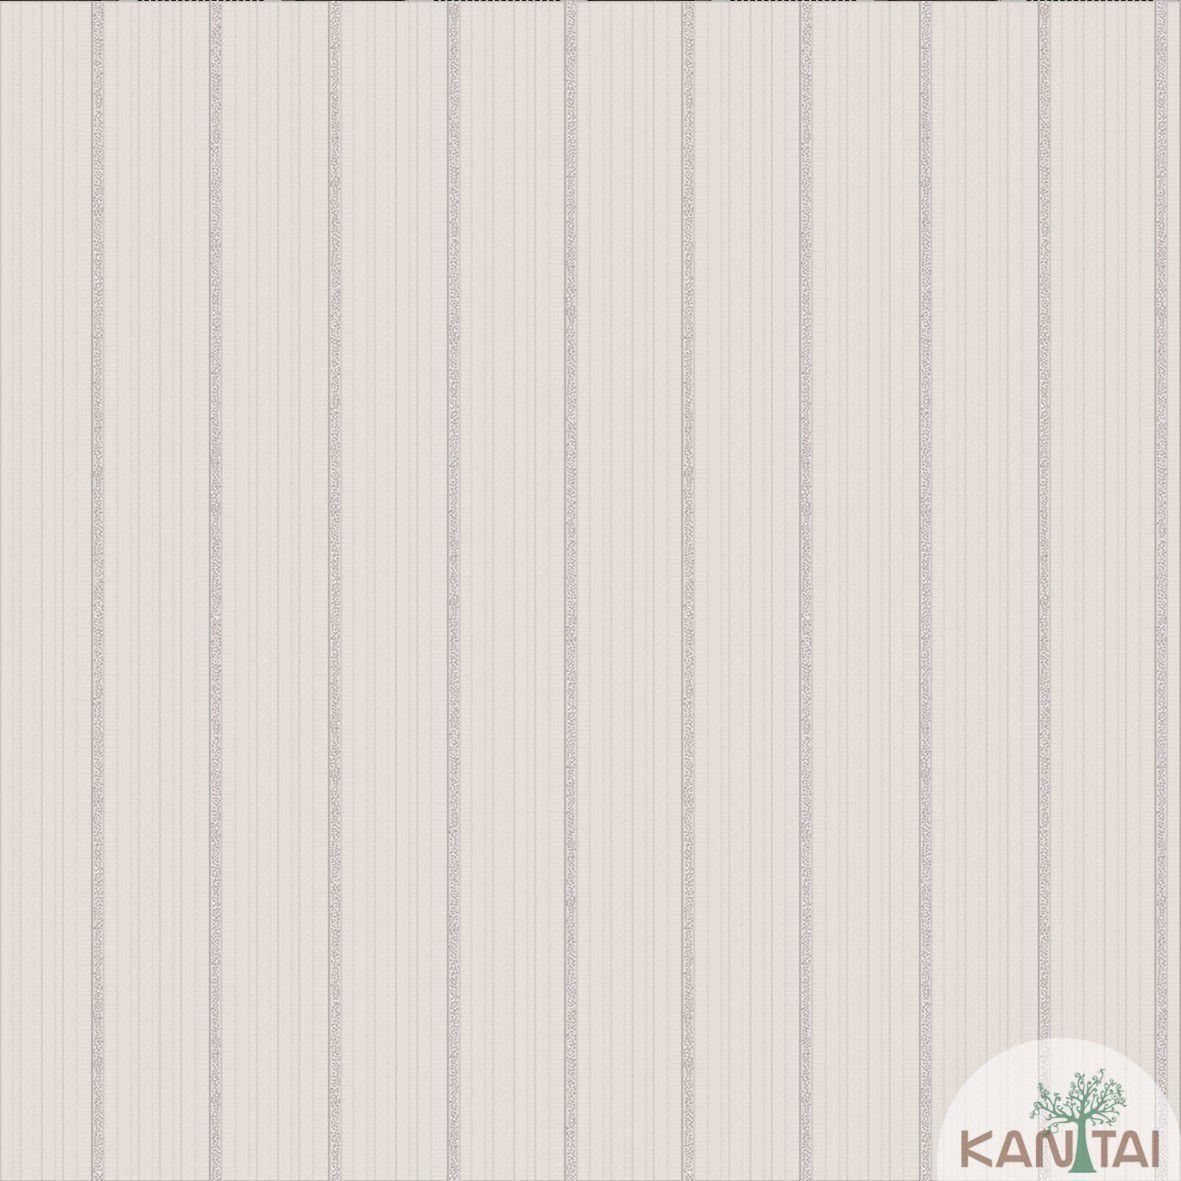 Papel de Parede   Kan Tai  Vinilico Coleção Neonature III Listrado Bege, Cinza, Prata